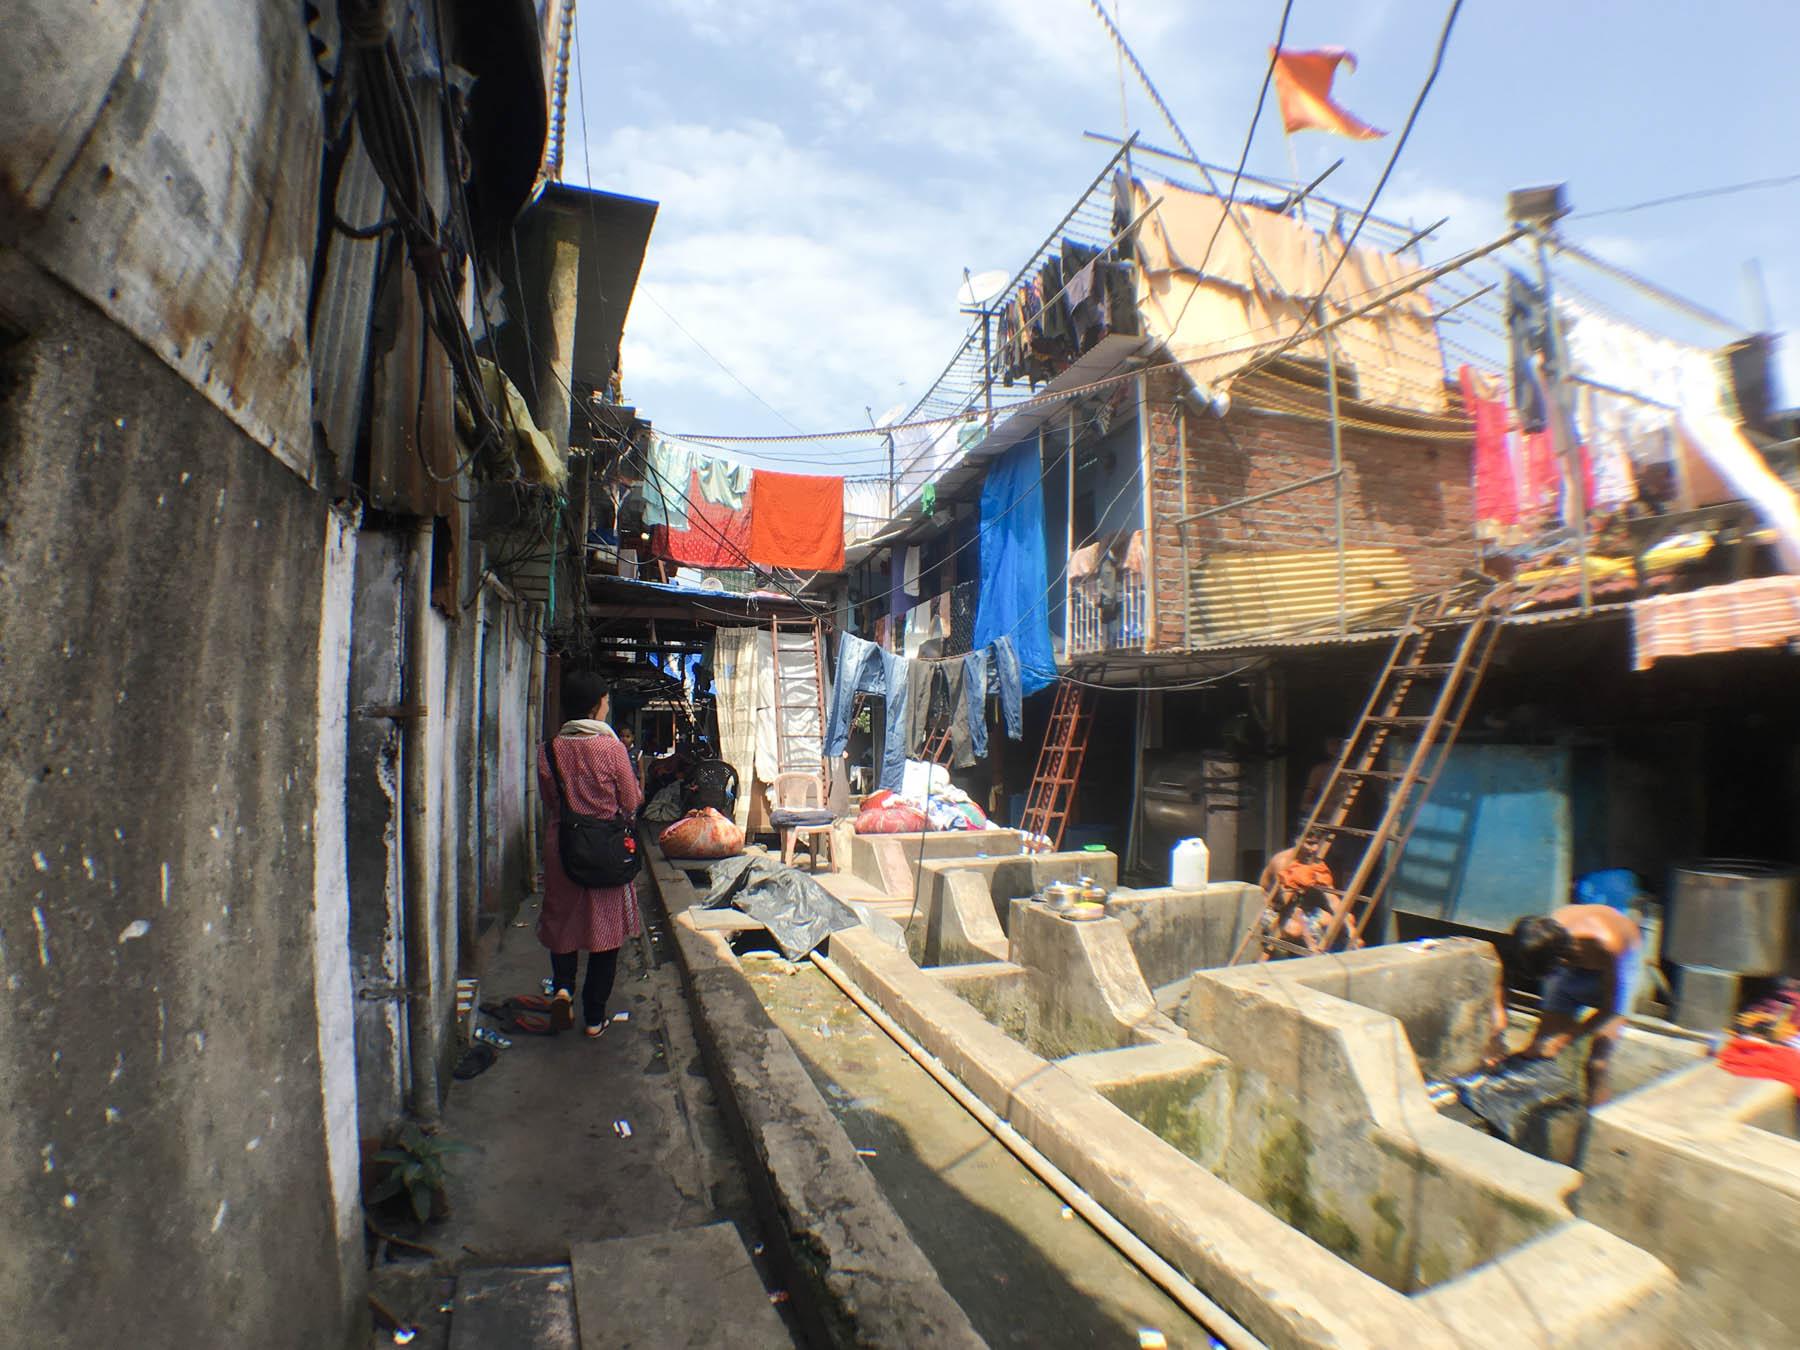 ムンバイ 巨大洗濯工場 ドービーガート 探検